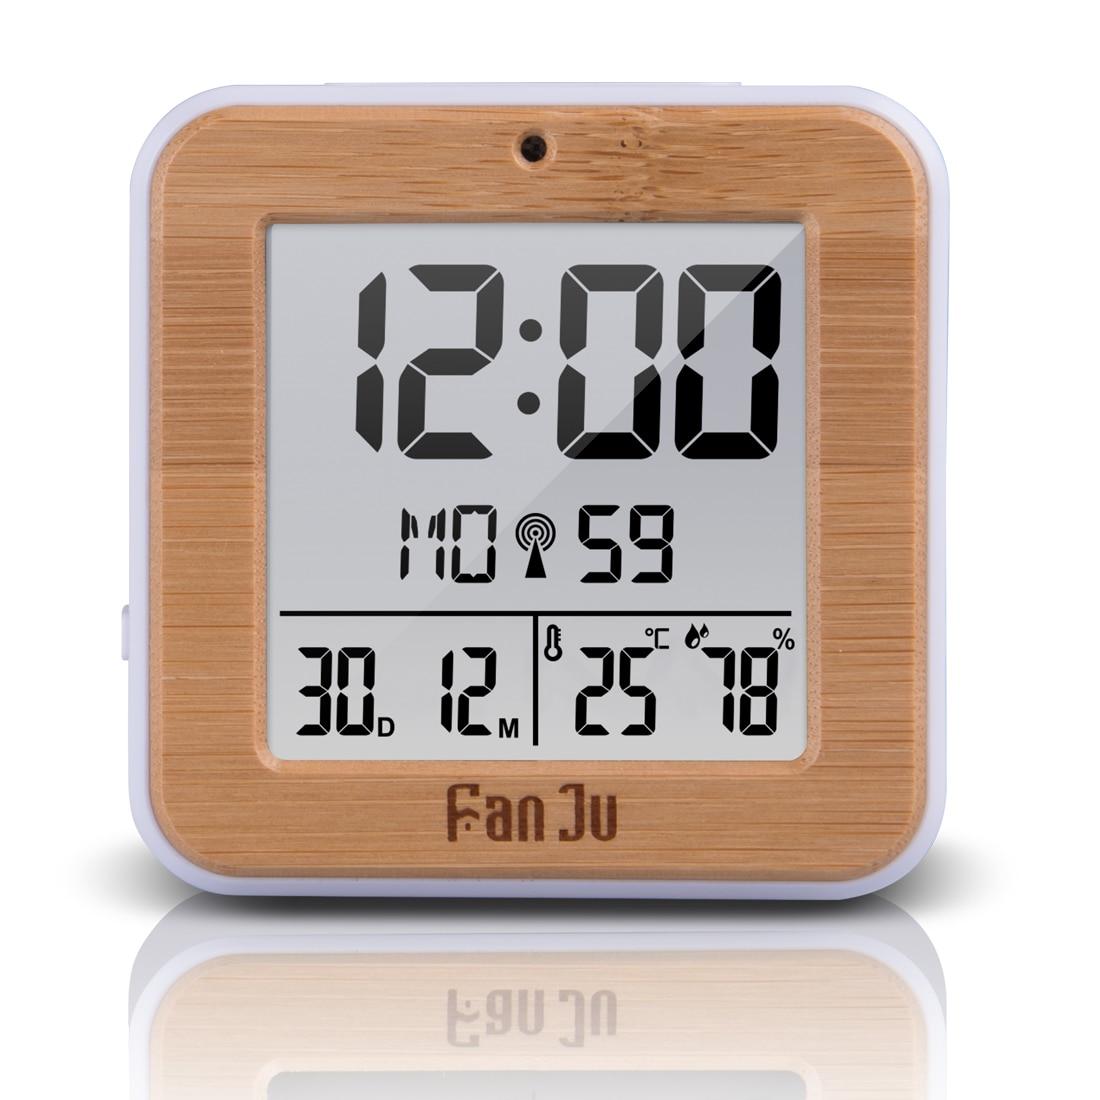 FanJu FJ3533 Цифровой Будильник Светодиодный Настольные часы температура влажность двойной будильник Автоматическая Подсветка Повтор даты